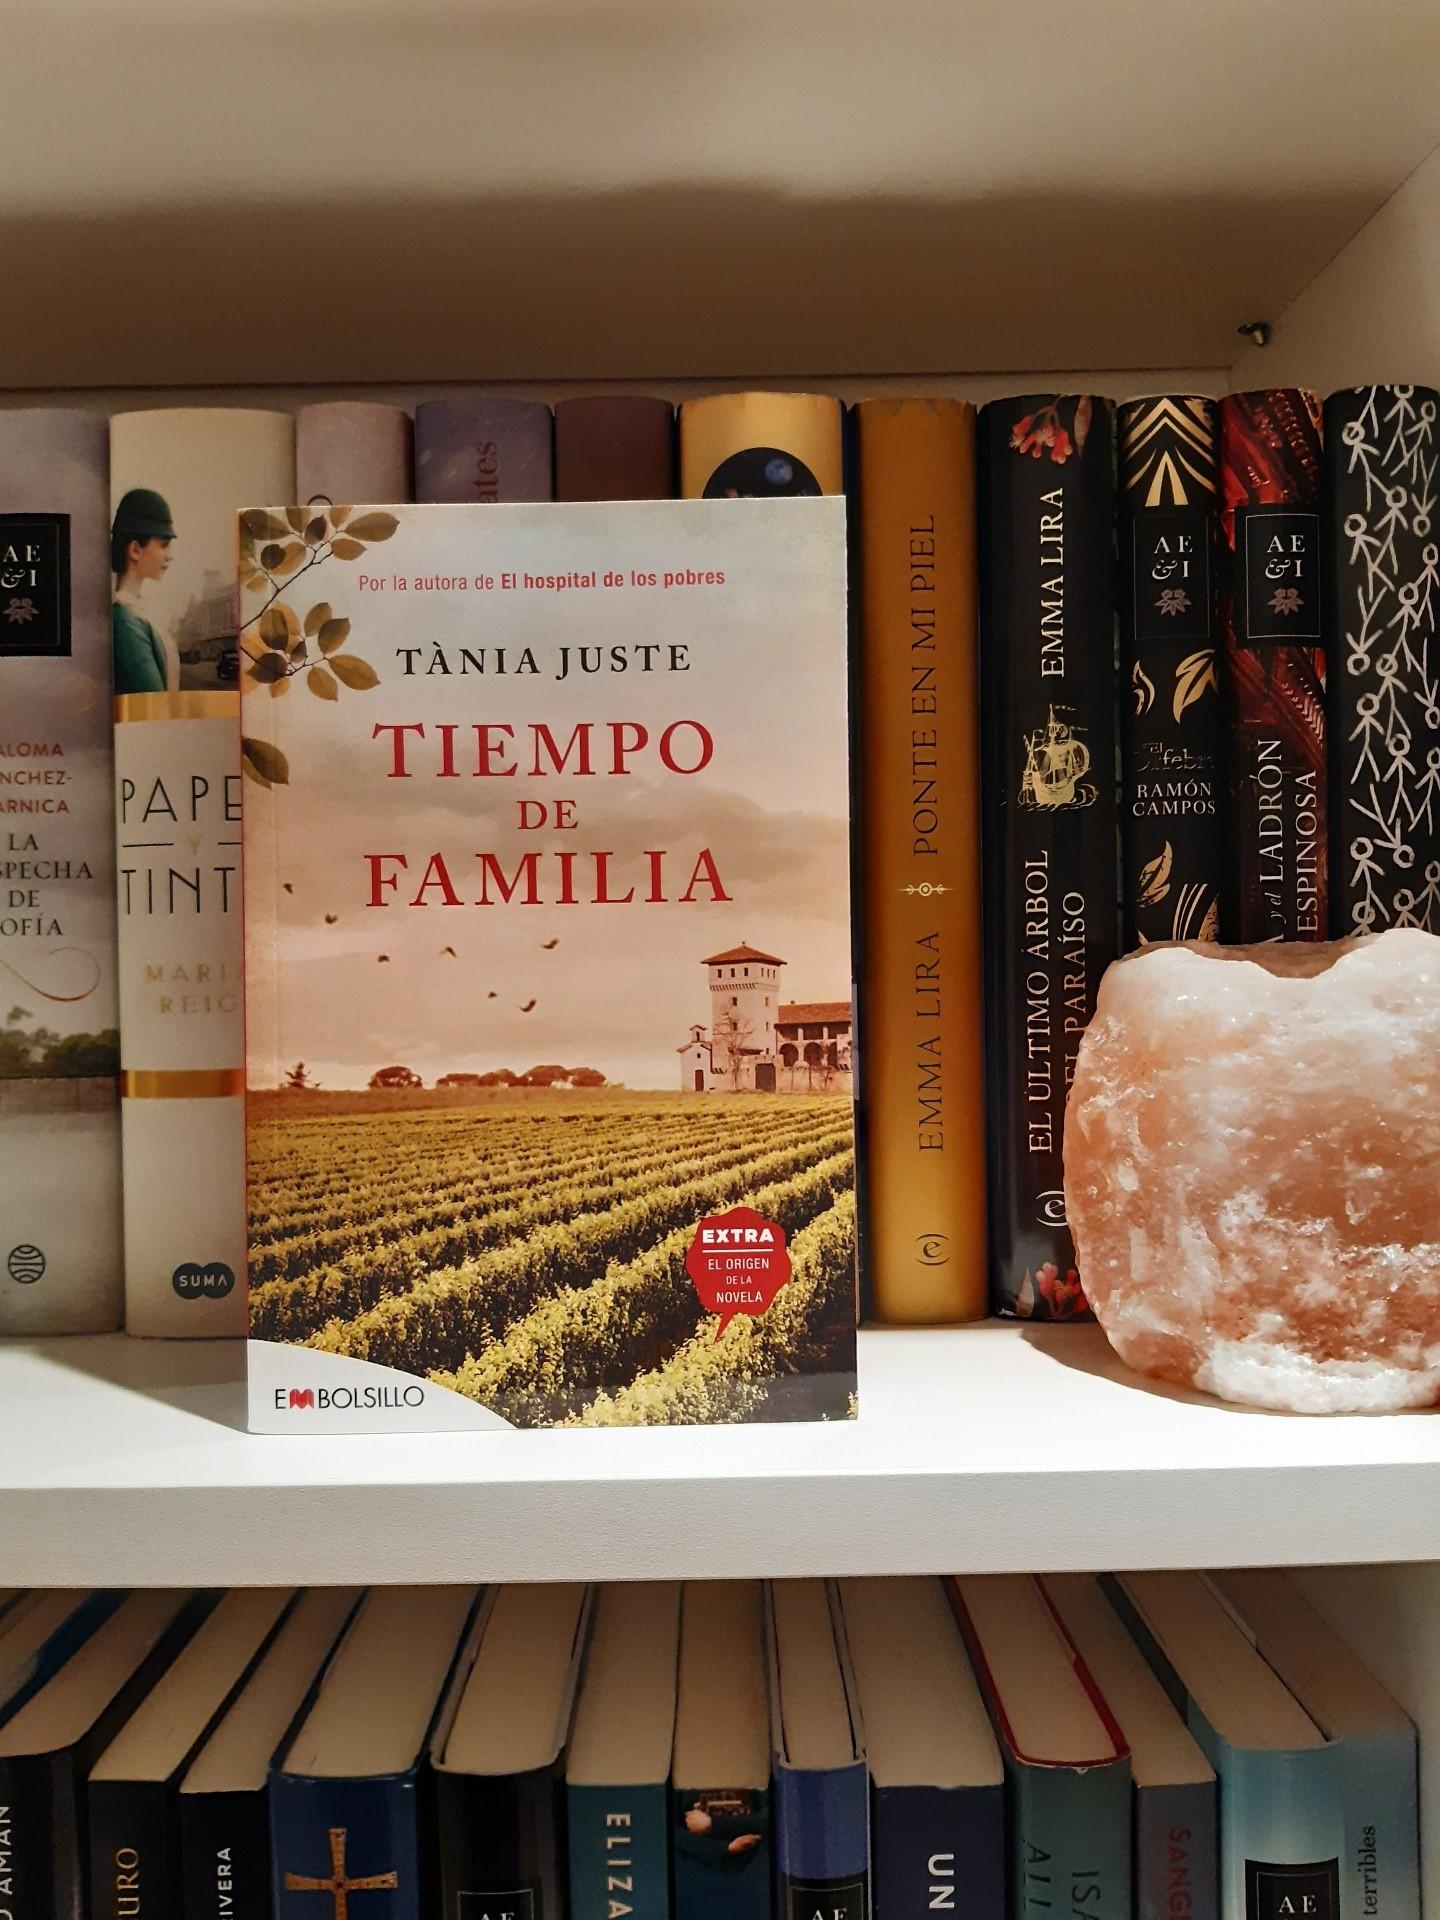 «TIEMPO DE FAMILIA», de Tania Juste